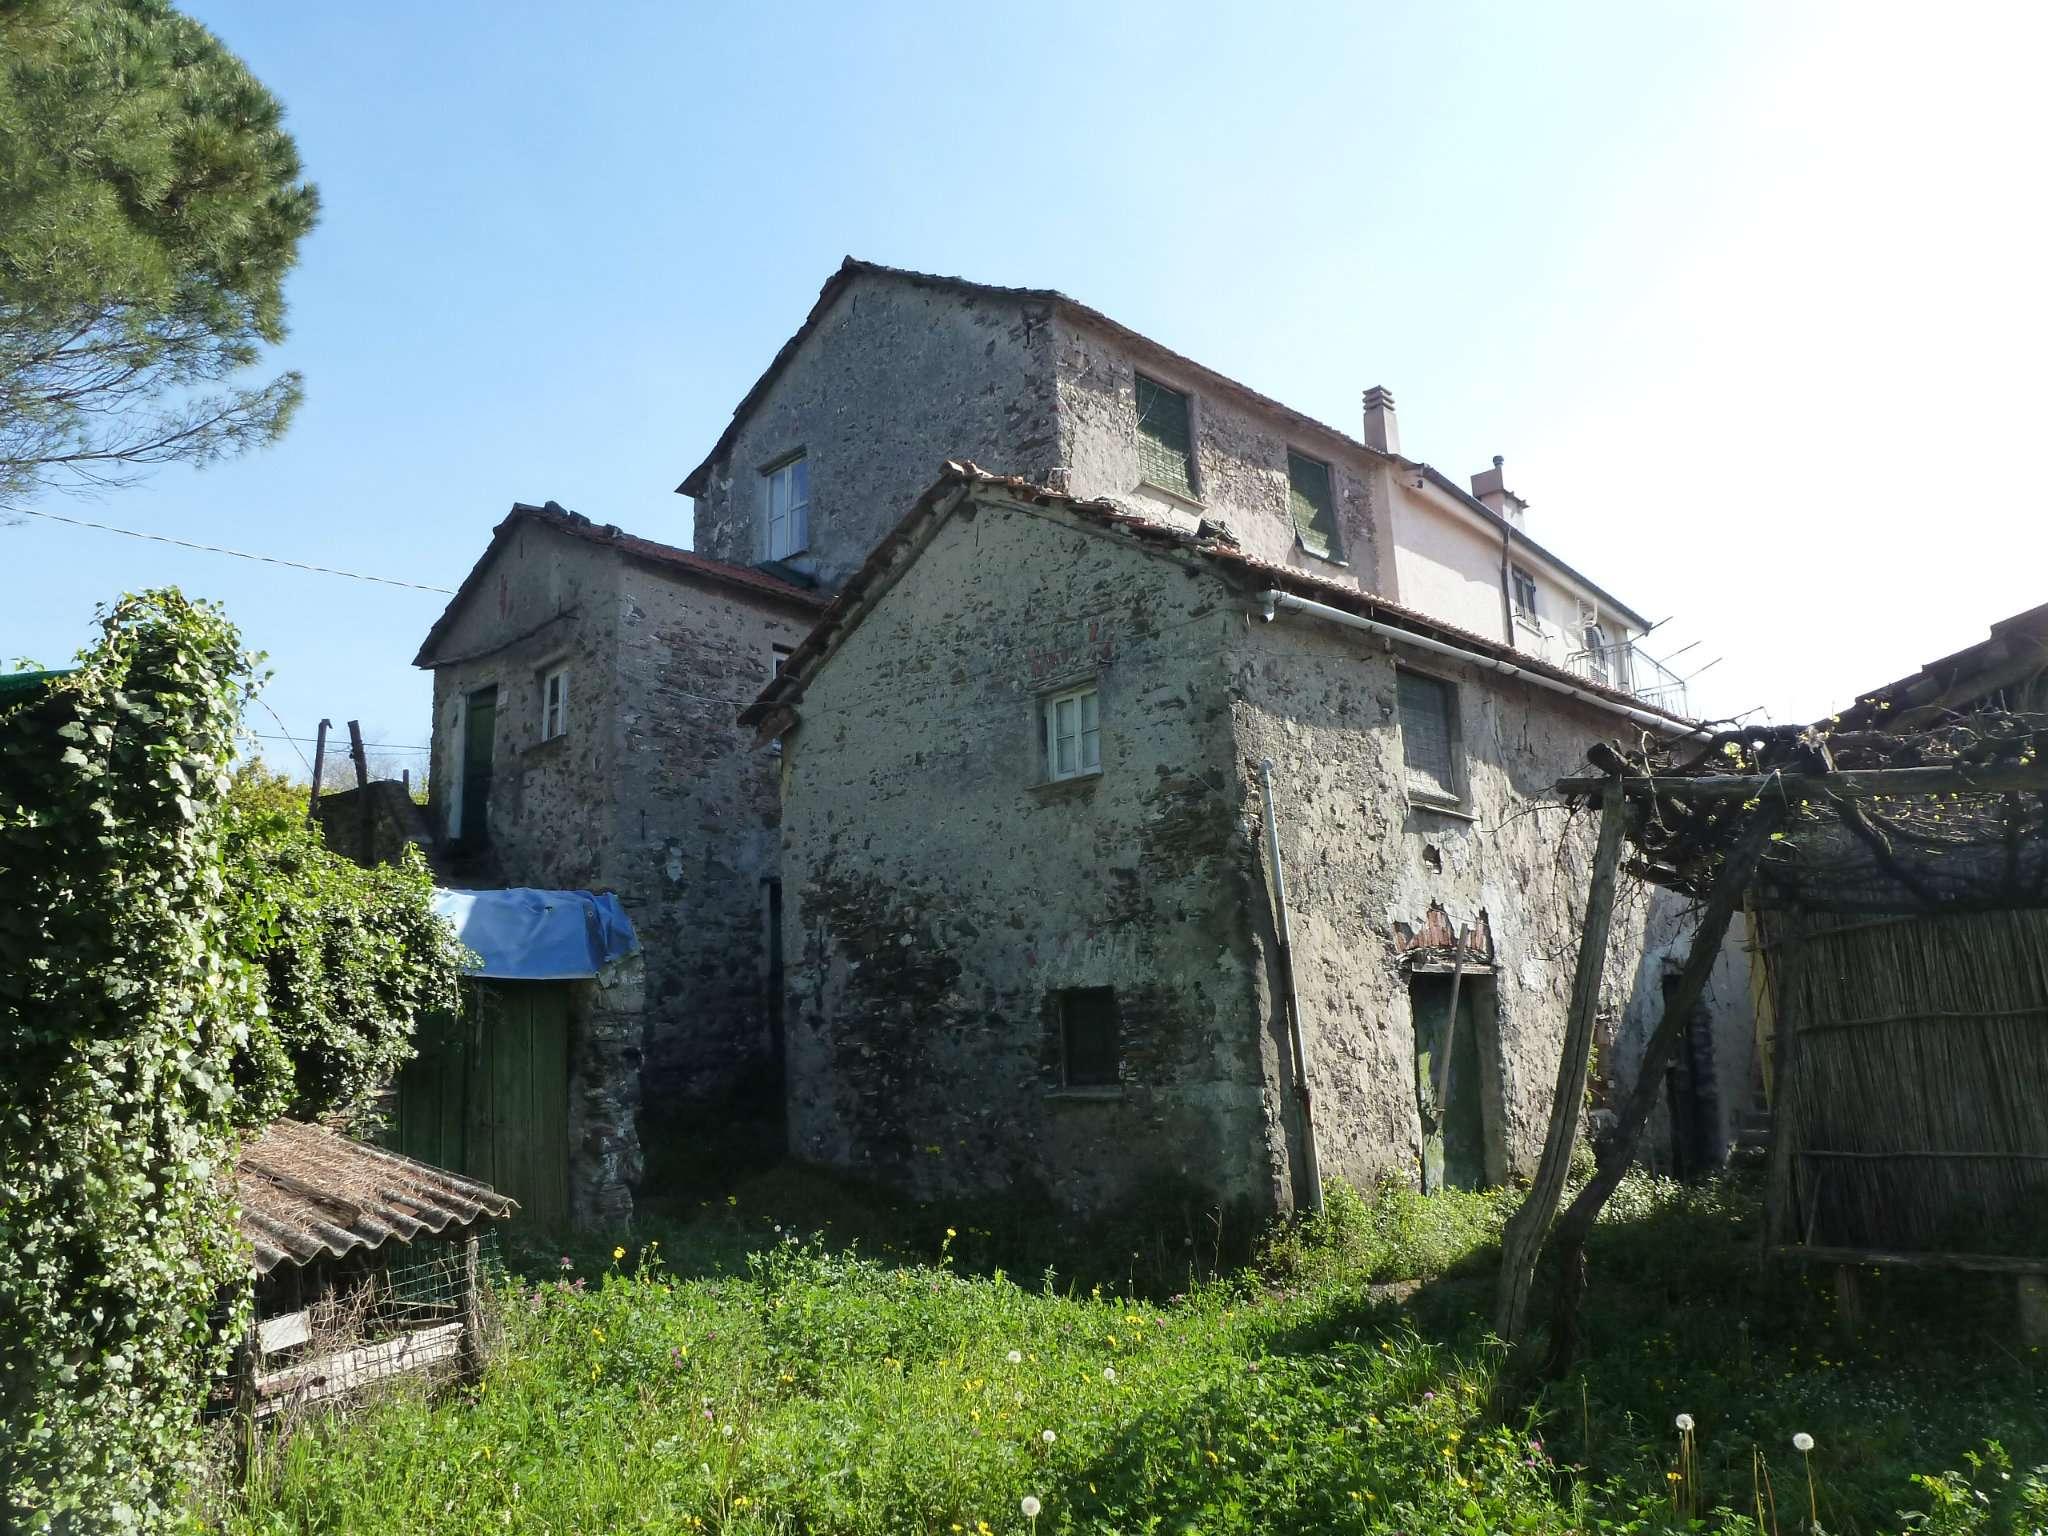 Rustico / Casale in vendita a Serra Riccò, 5 locali, prezzo € 265.000 | CambioCasa.it